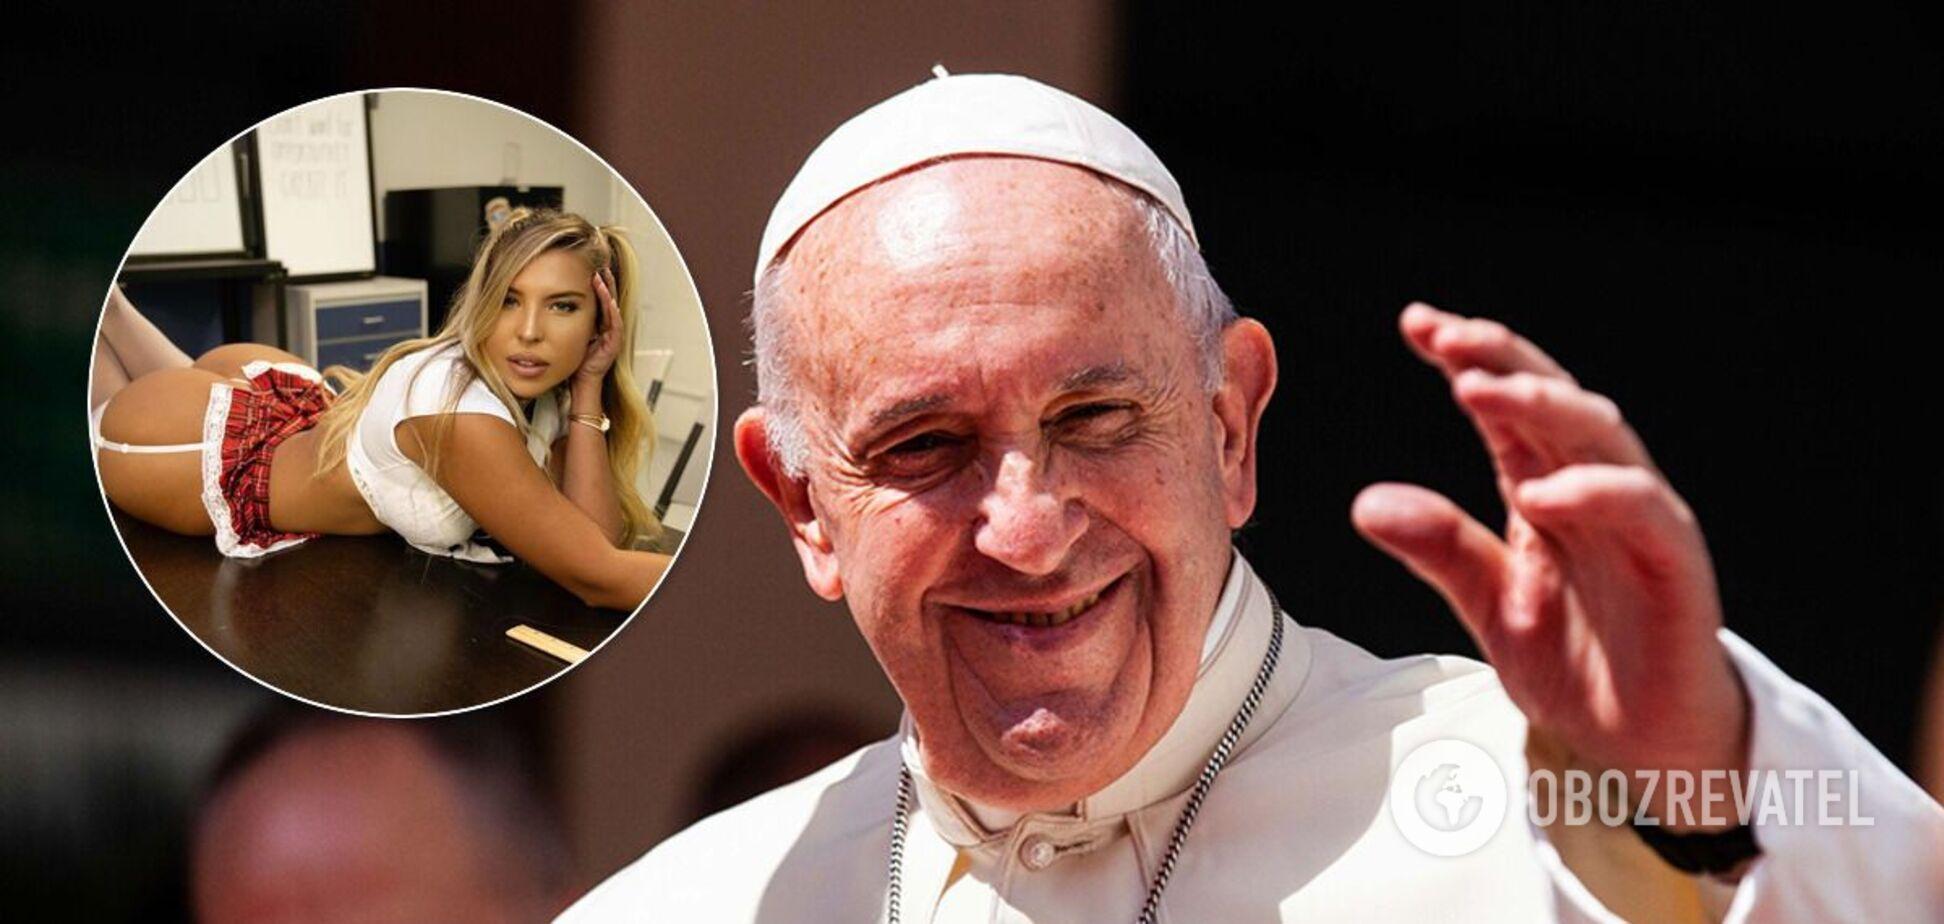 Папа Римський поставив лайк під знімком моделі Наталії Гаріботто